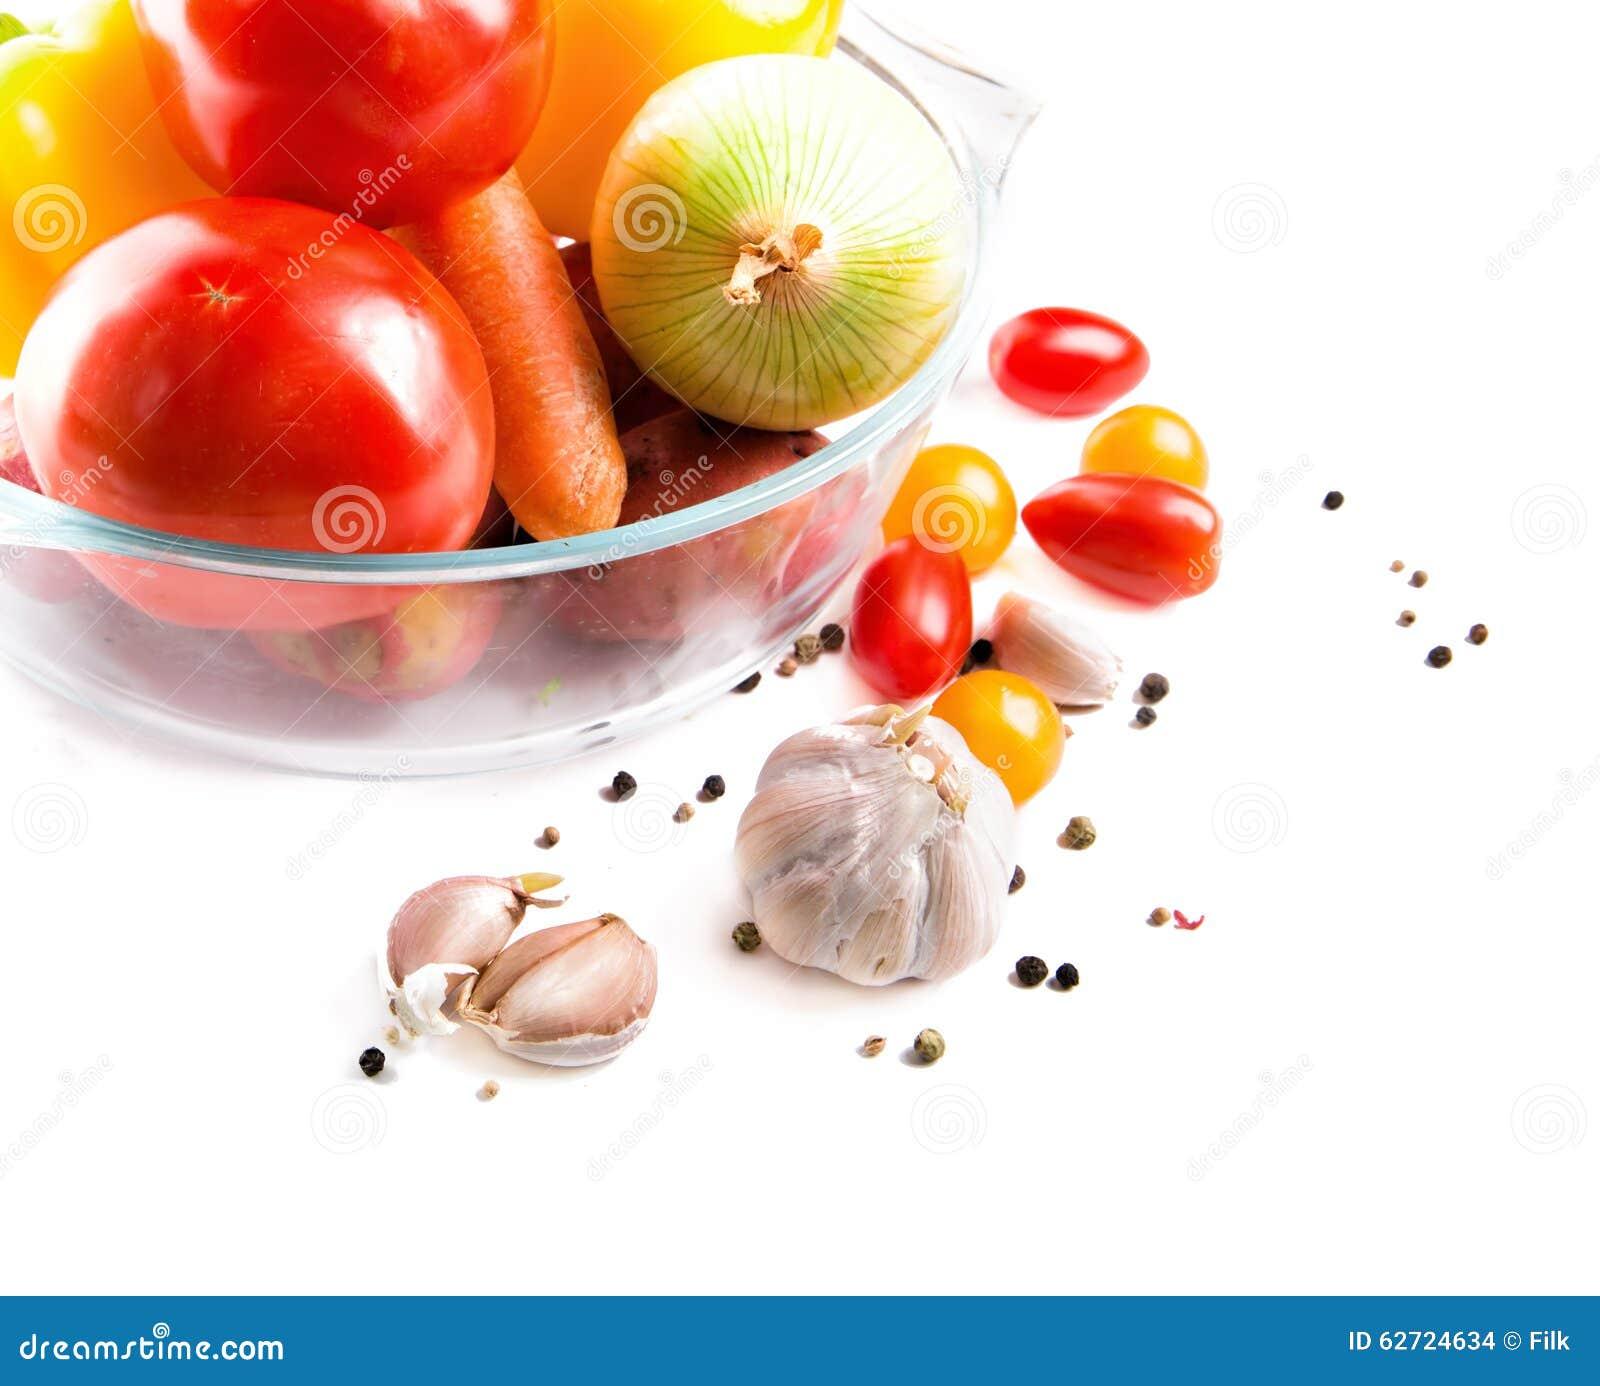 Λαχανικά σε ένα δοχείο γυαλιού που απομονώνεται στο άσπρο υπόβαθρο